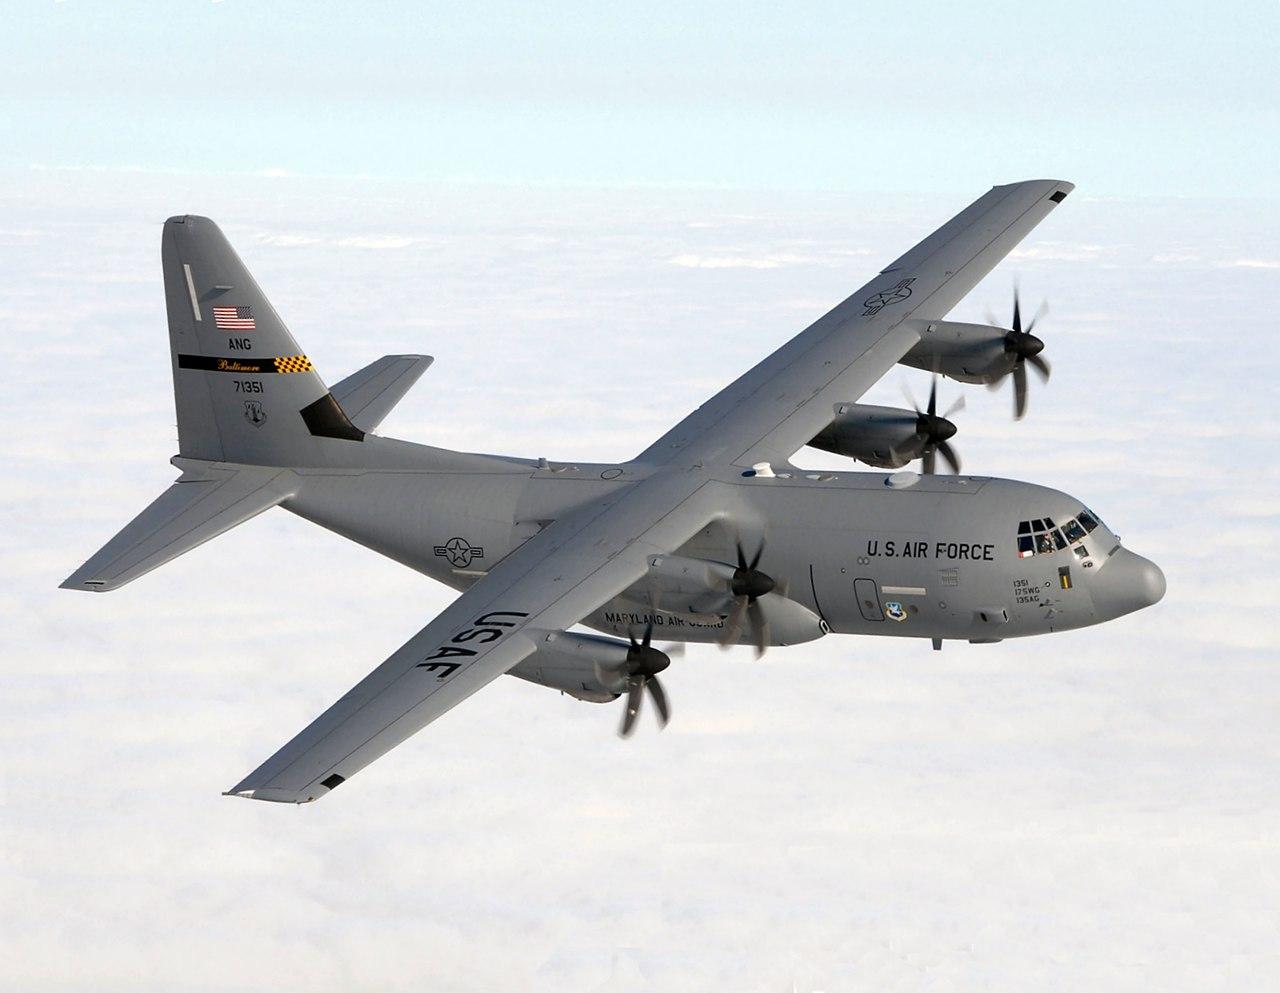 Lockheed Martin C-130J Hercules aircraft